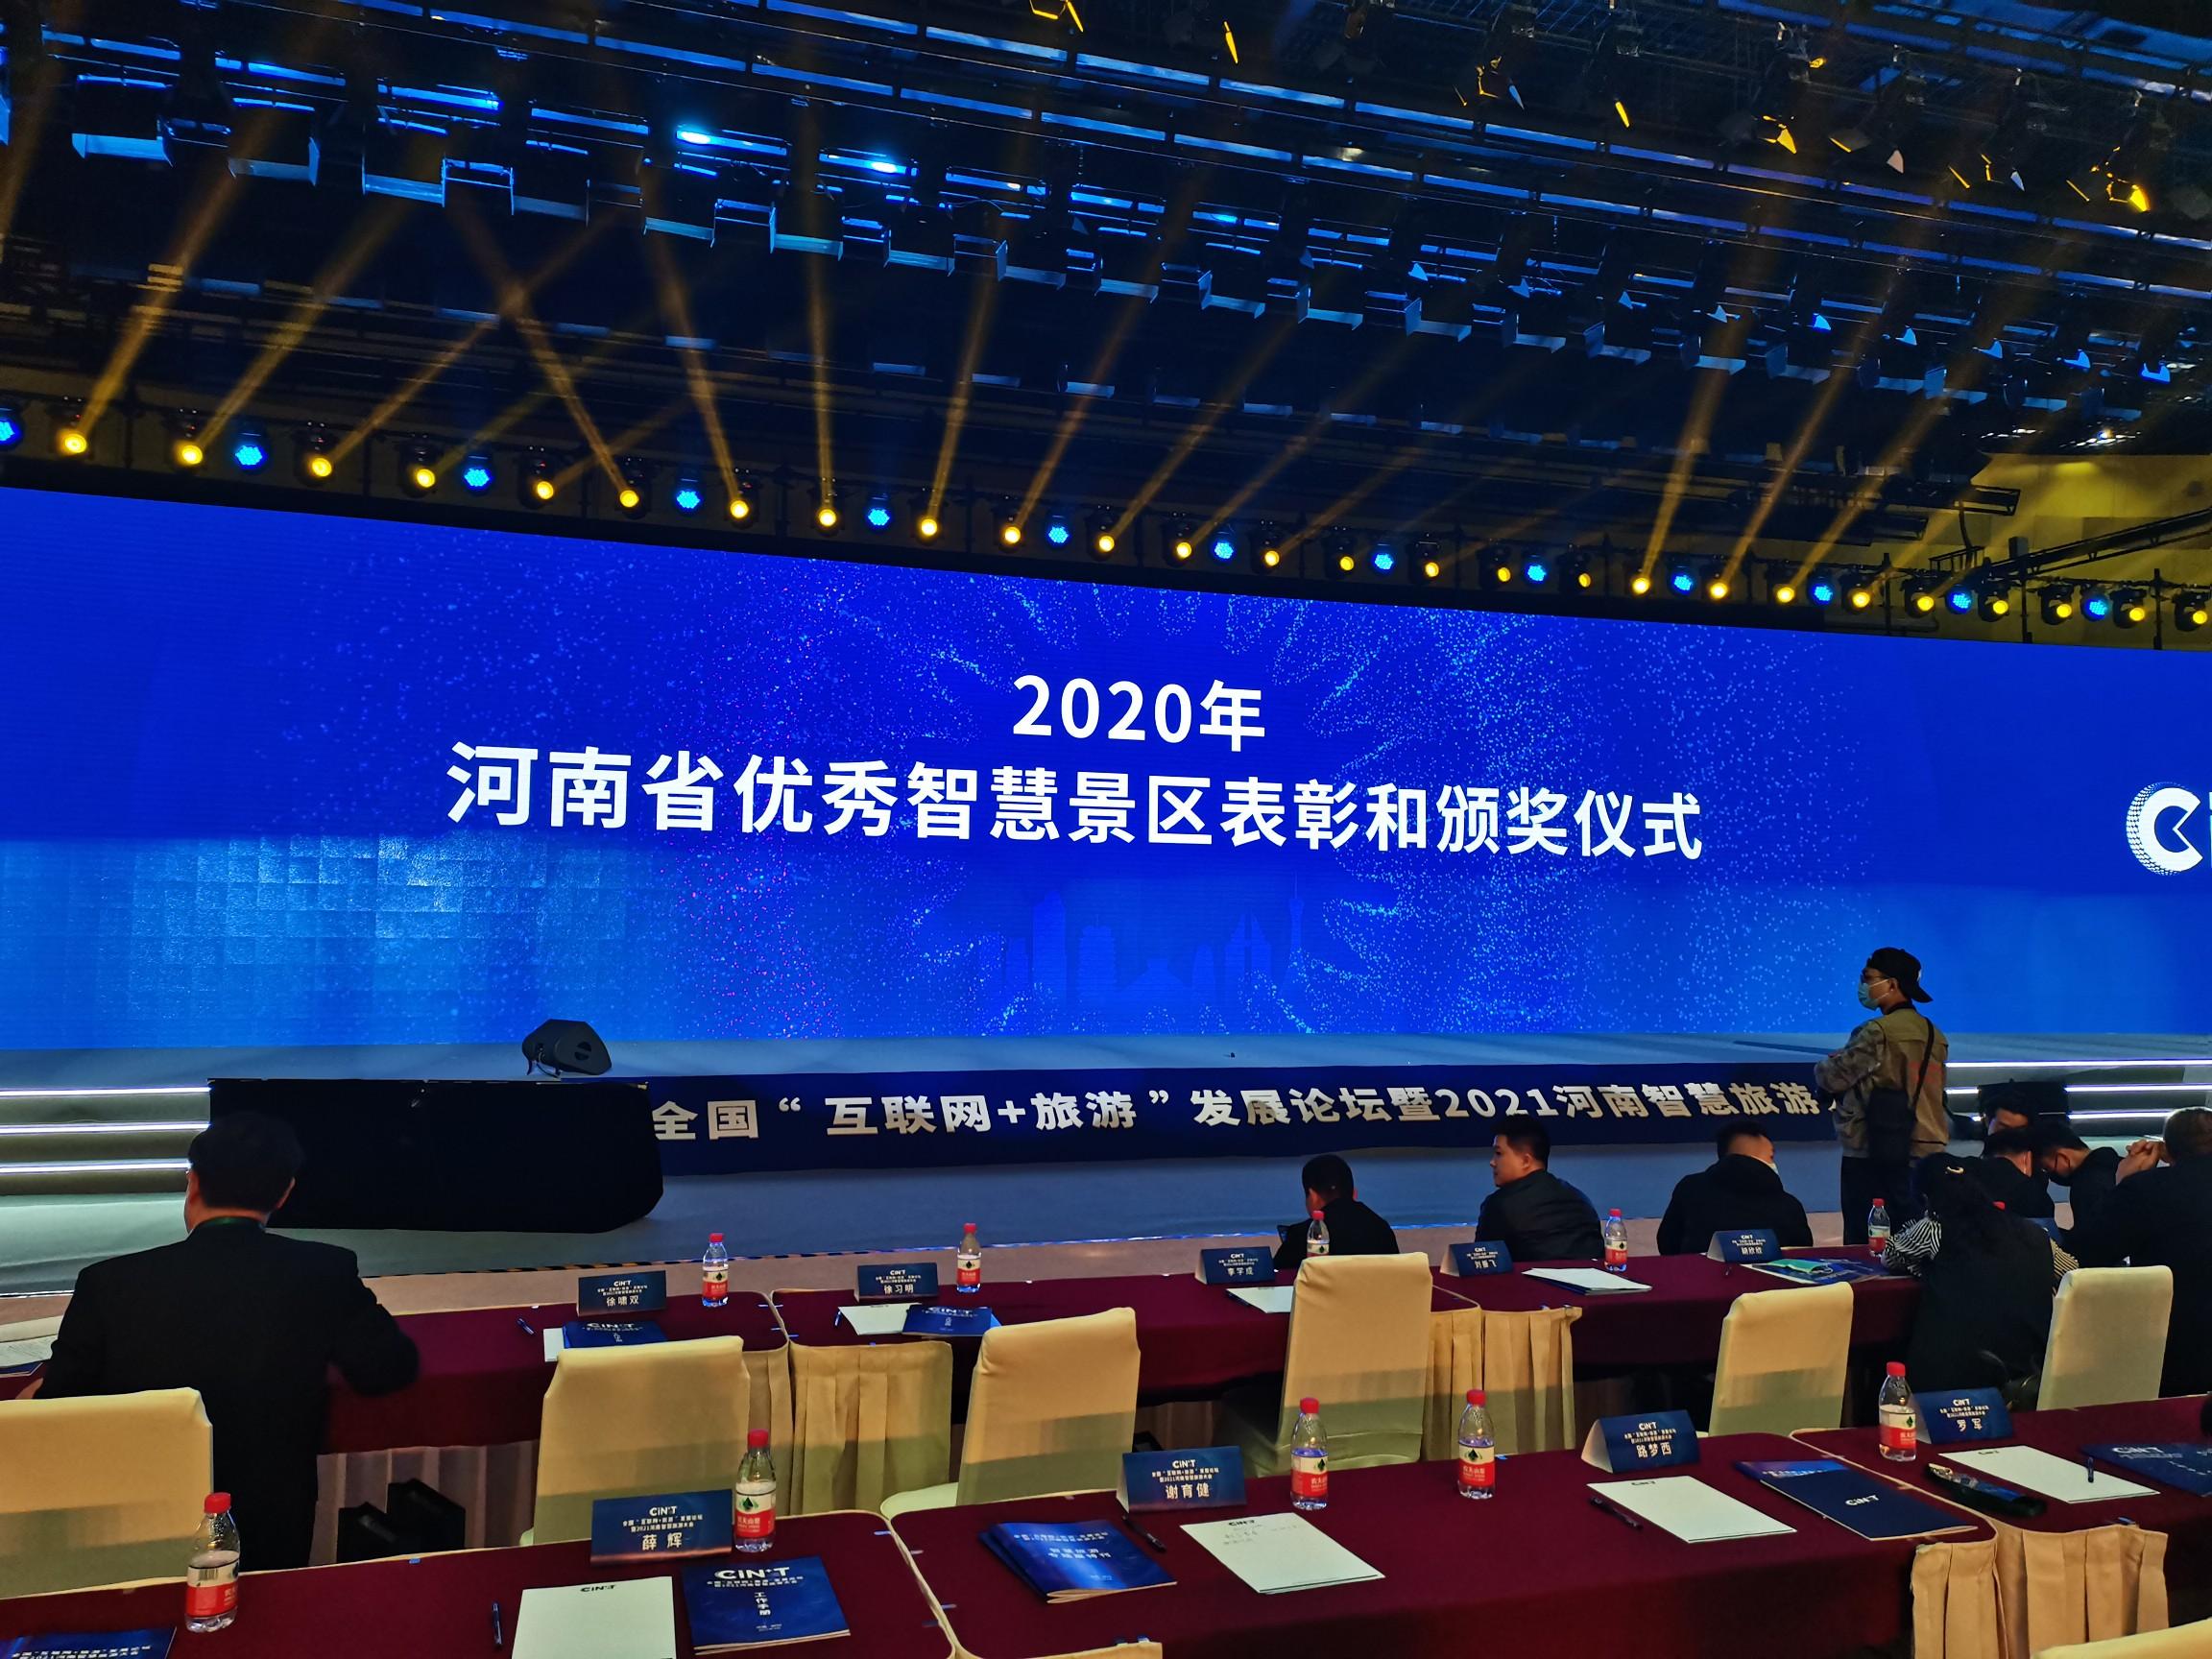 喜讯!西九华山风景区荣获2020年度河南省